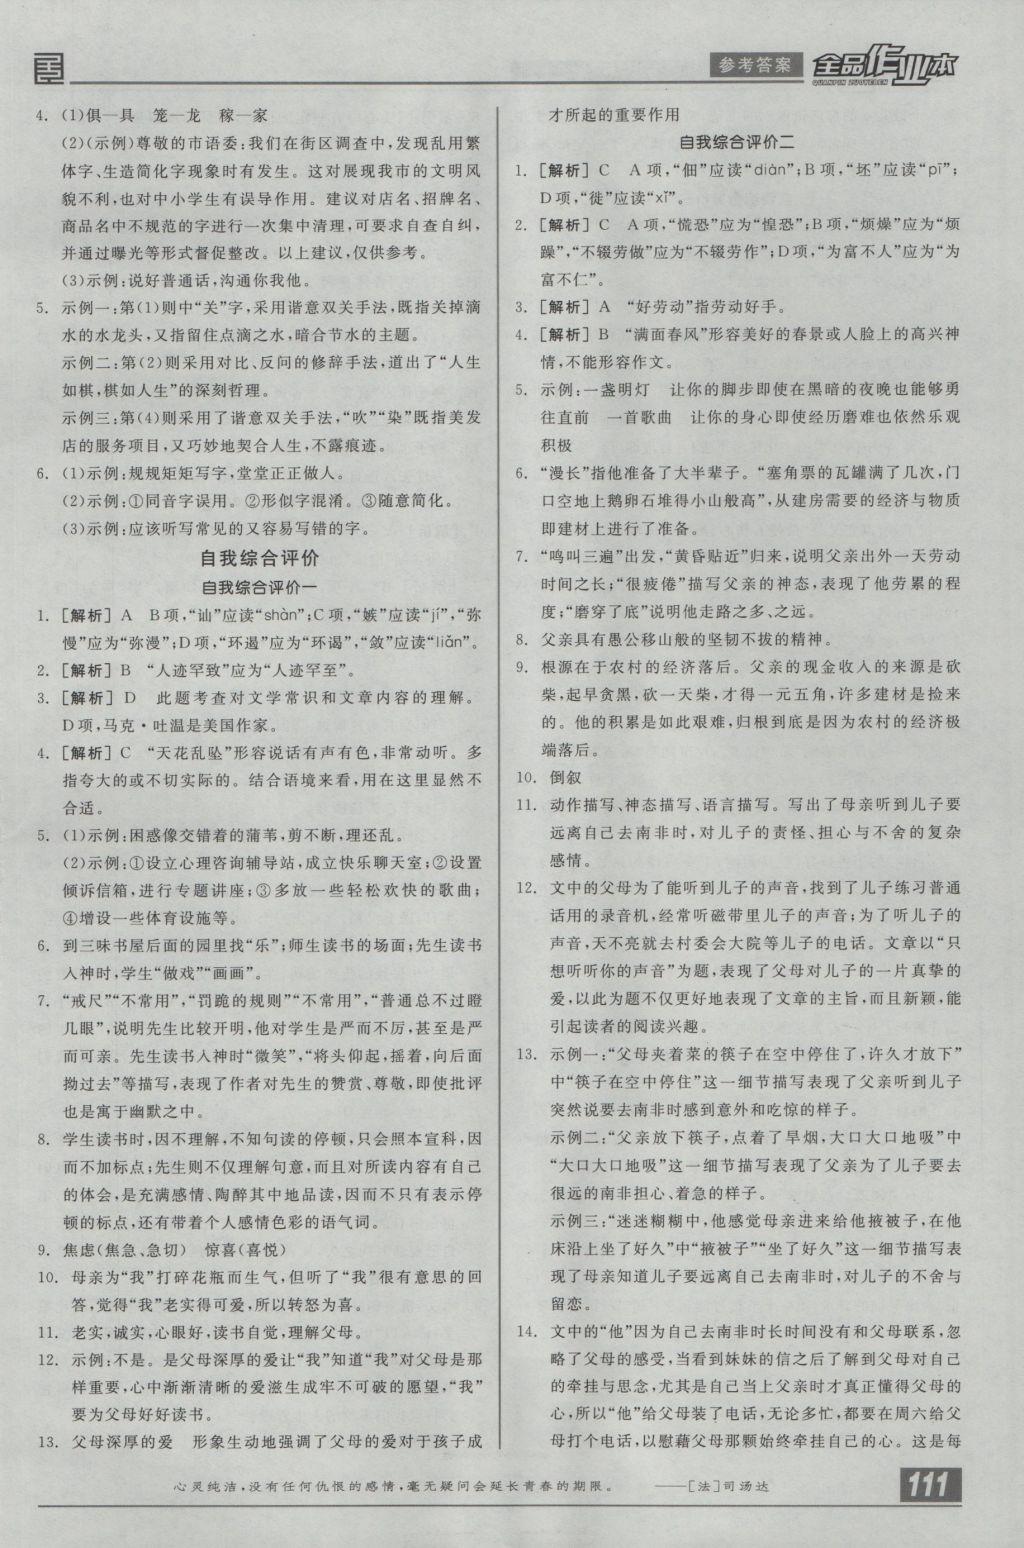 2016年全品作业本七年级语文上册语文版参考答案第13页